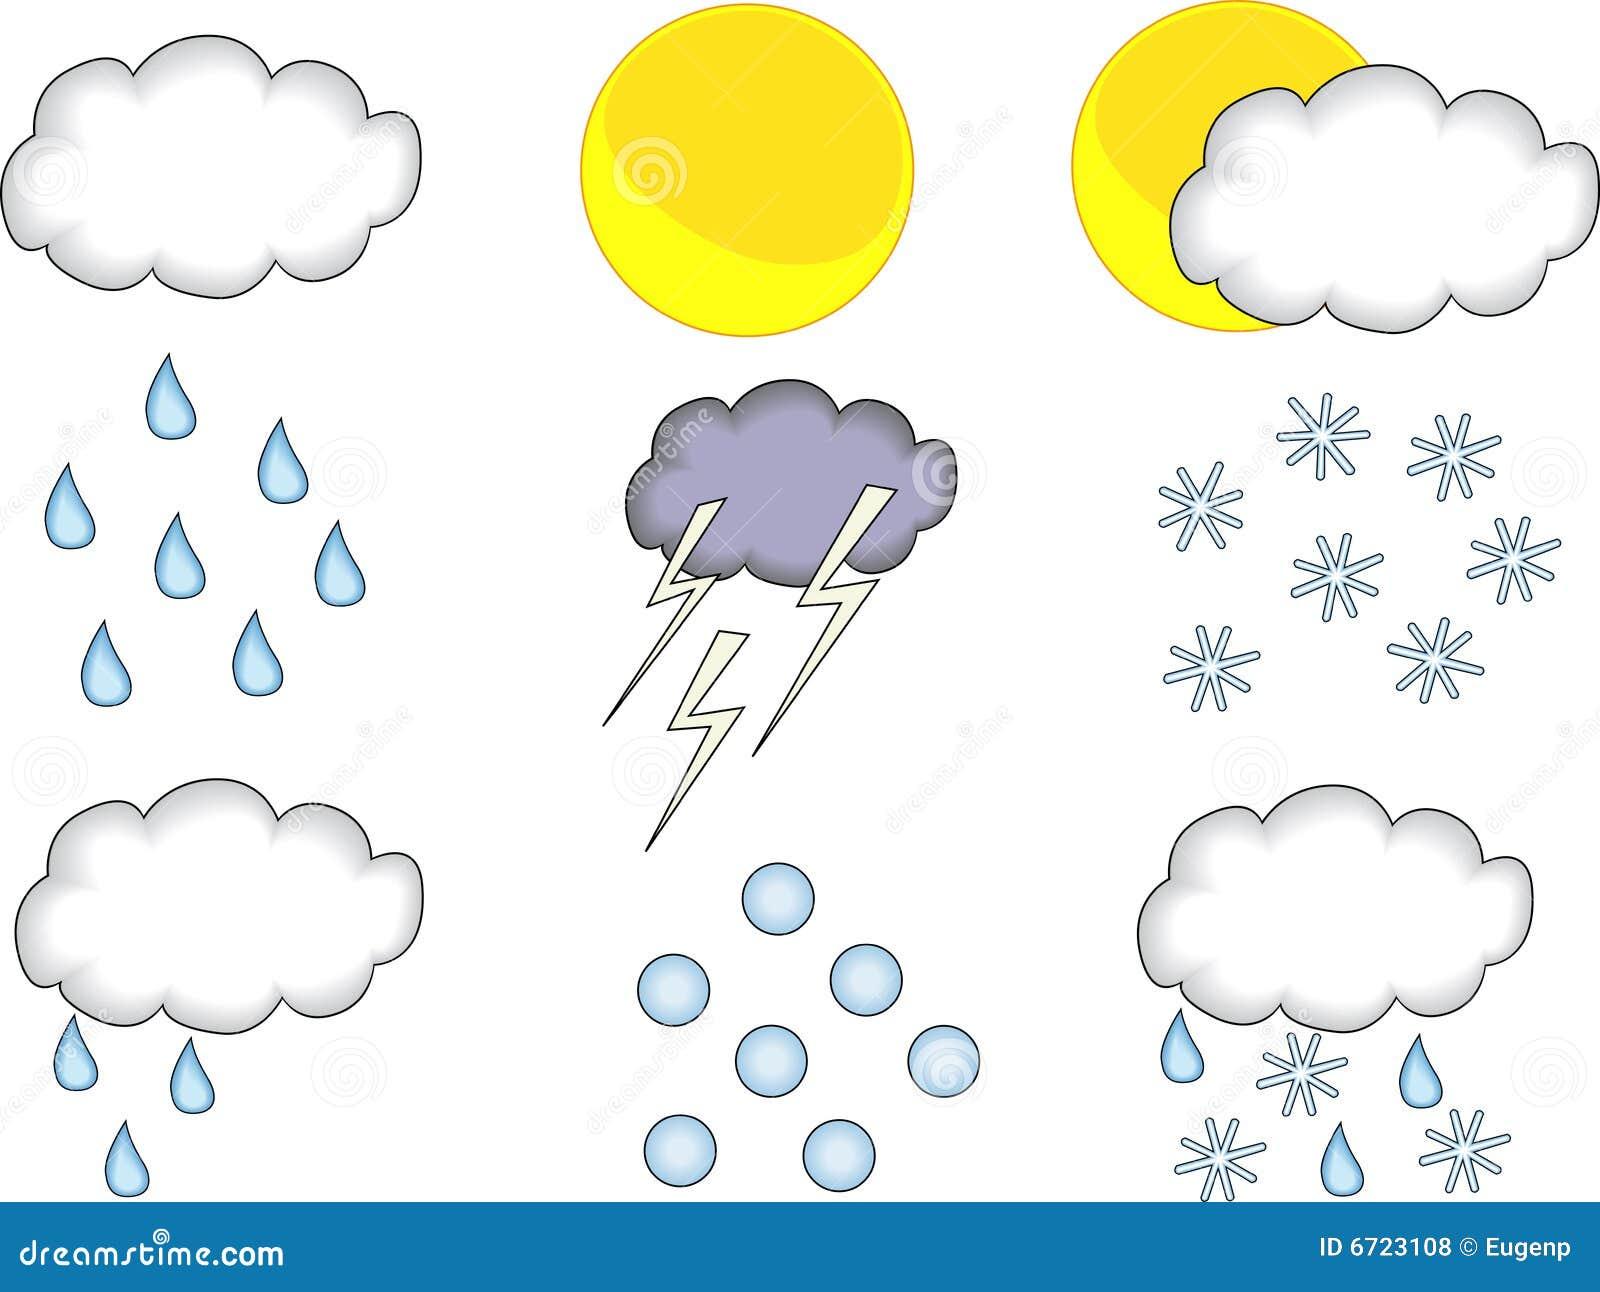 Weather Forecast Set Royalty Free Stock Photos - Image: 6723108